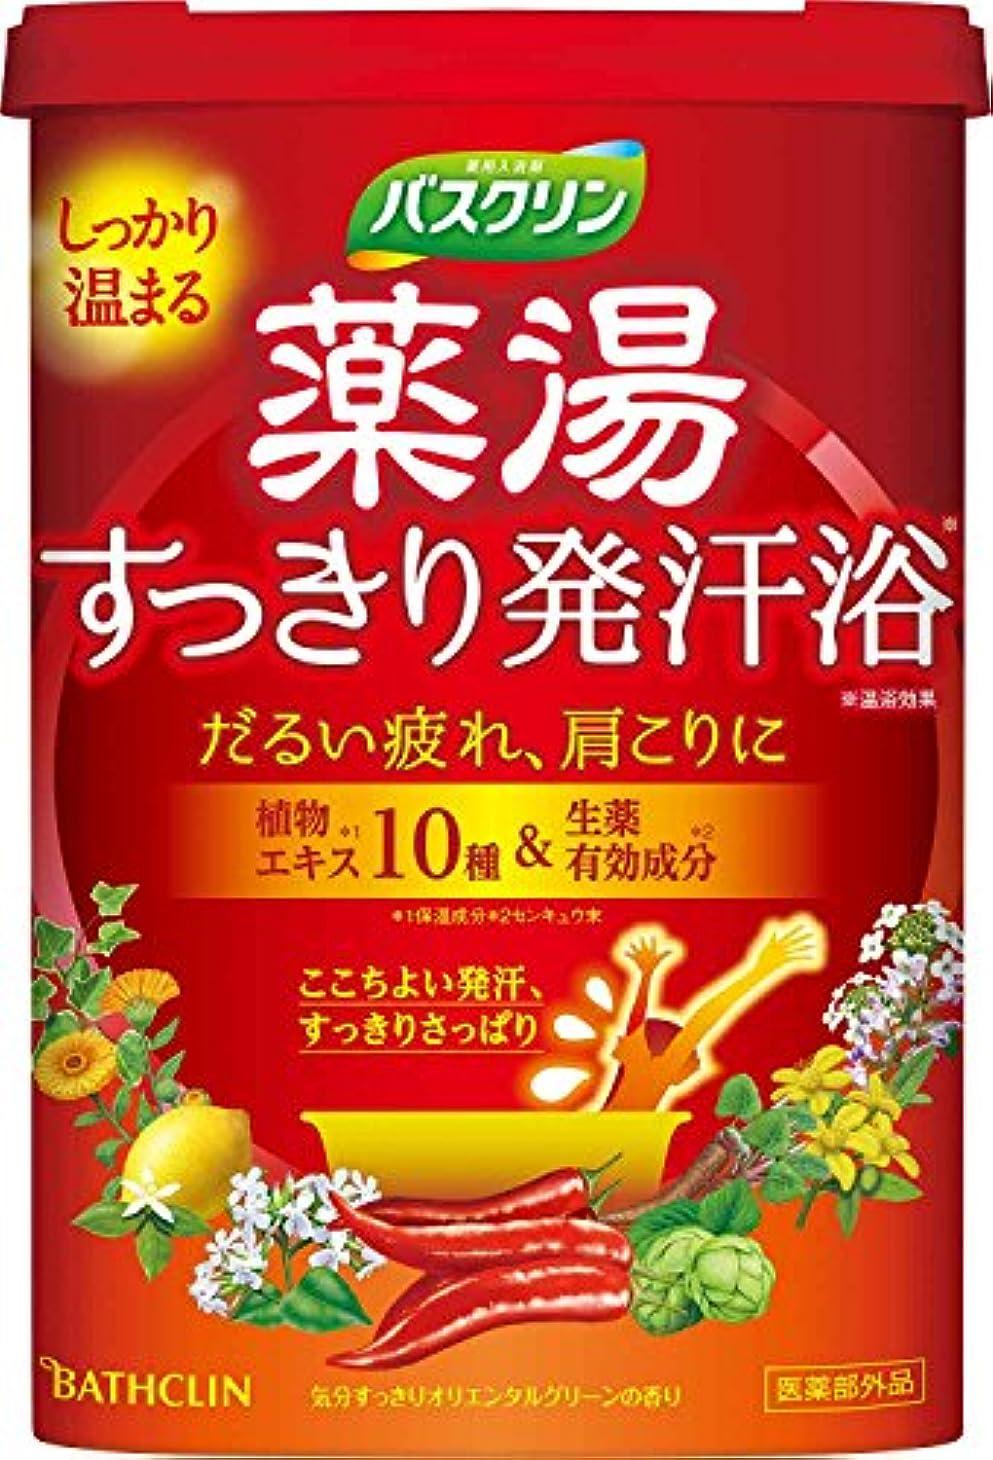 アクティブ飼料普通のバスクリン薬湯すっきり発汗浴